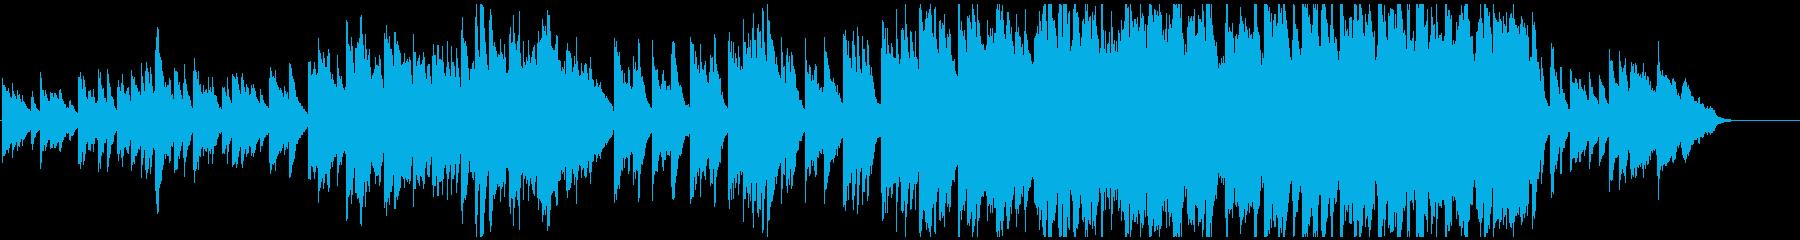 ピアノとストリングスの牧歌的で優しい曲の再生済みの波形